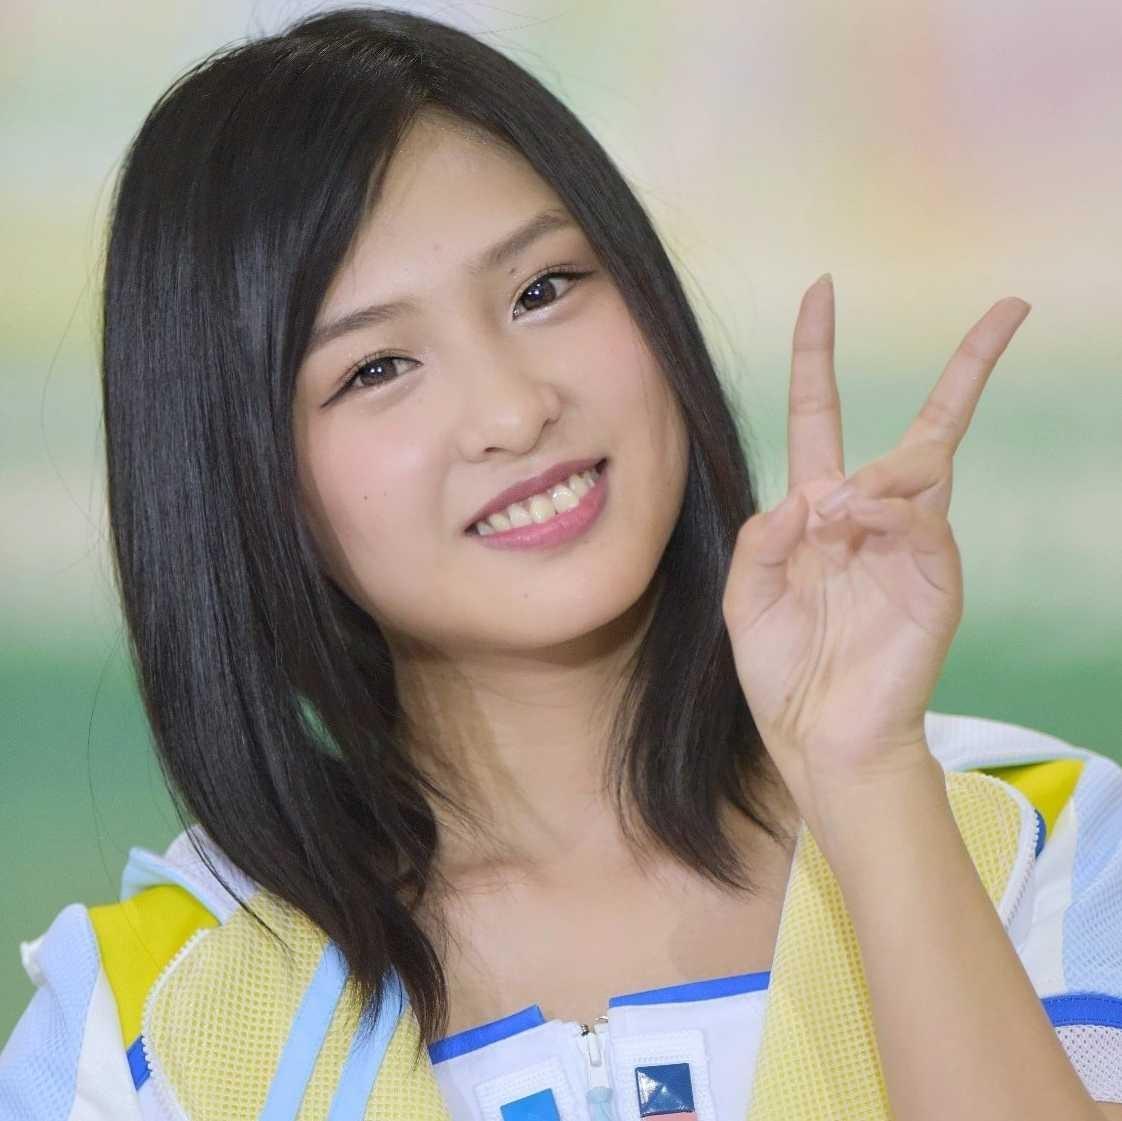 倉野尾成美さんの画像その48